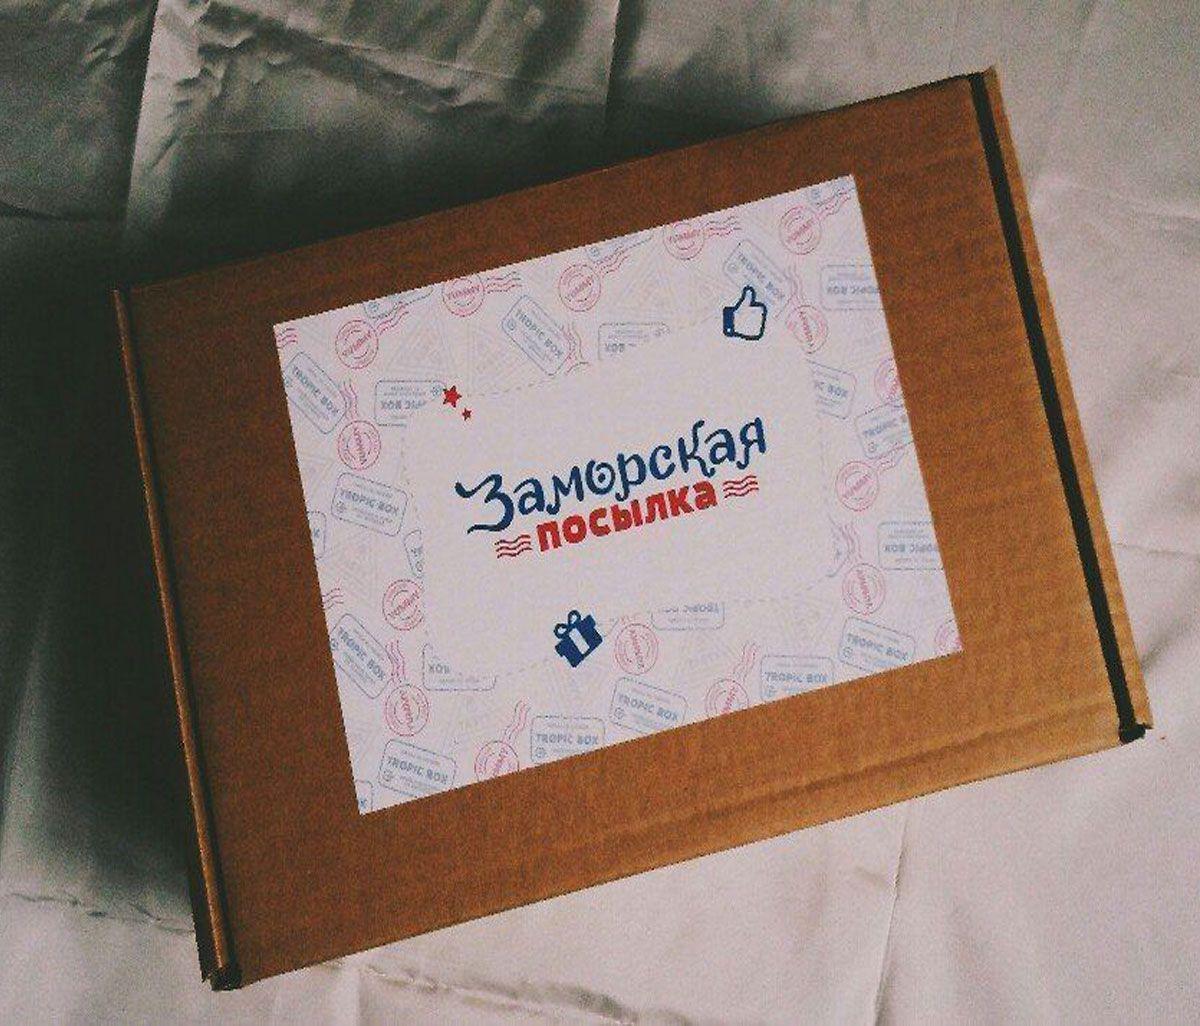 Личный опыт: коробочный сервис со сладостями из Японии